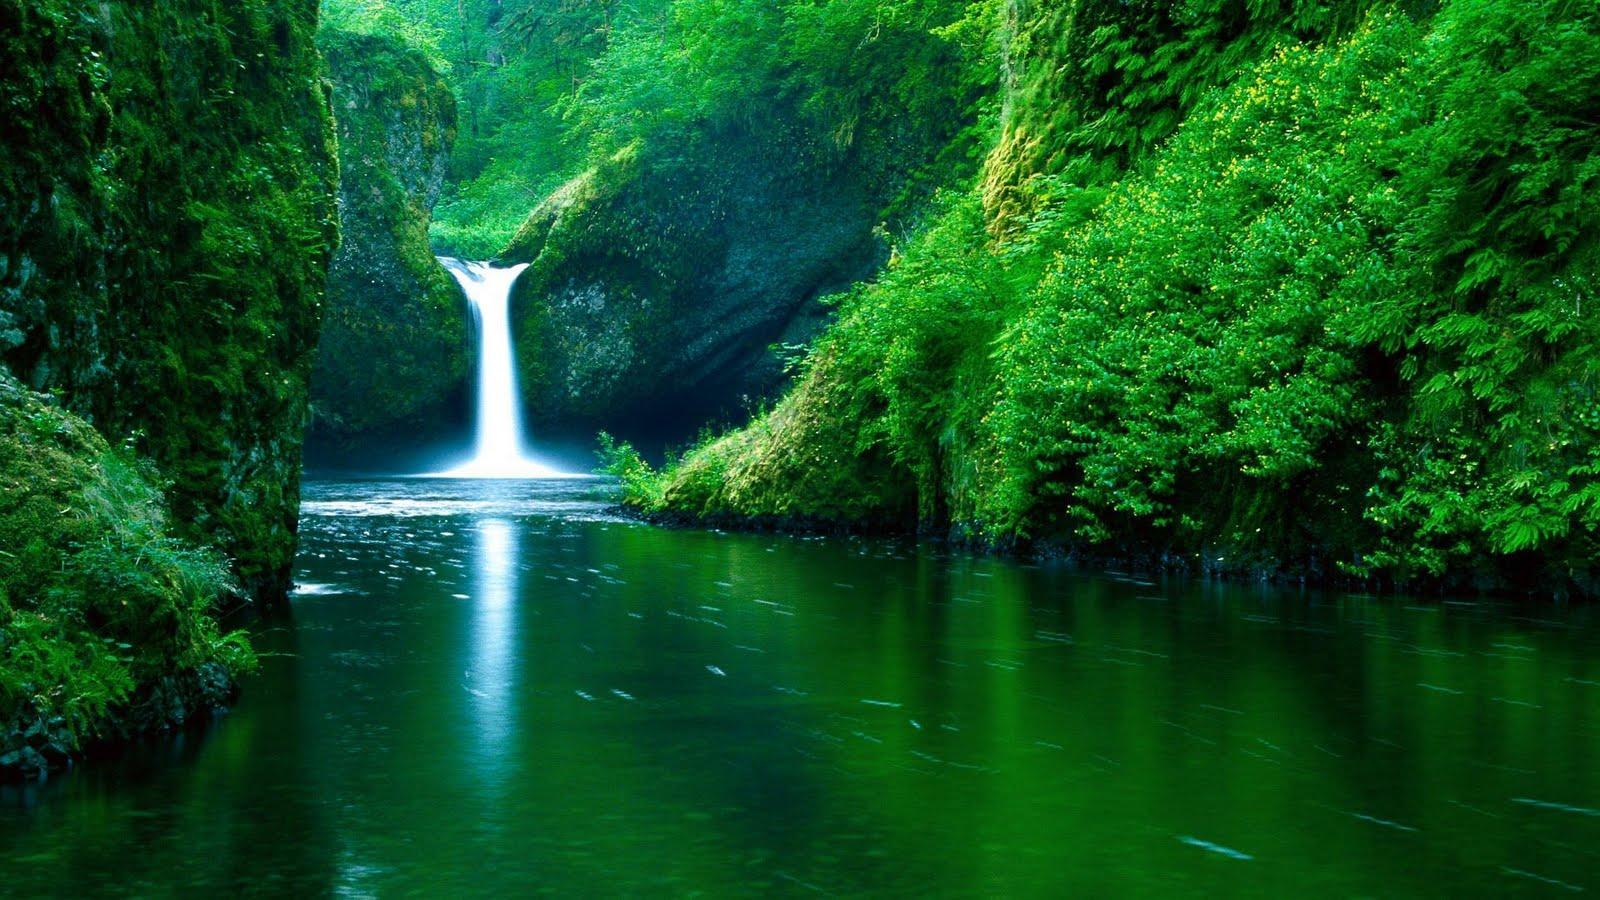 http://2.bp.blogspot.com/-UanyL8GHVZ4/TiJgnsn2kKI/AAAAAAAAAqo/VZYgckoYAw4/s1600/Amazing+Nature+Wallpapers+53.jpg